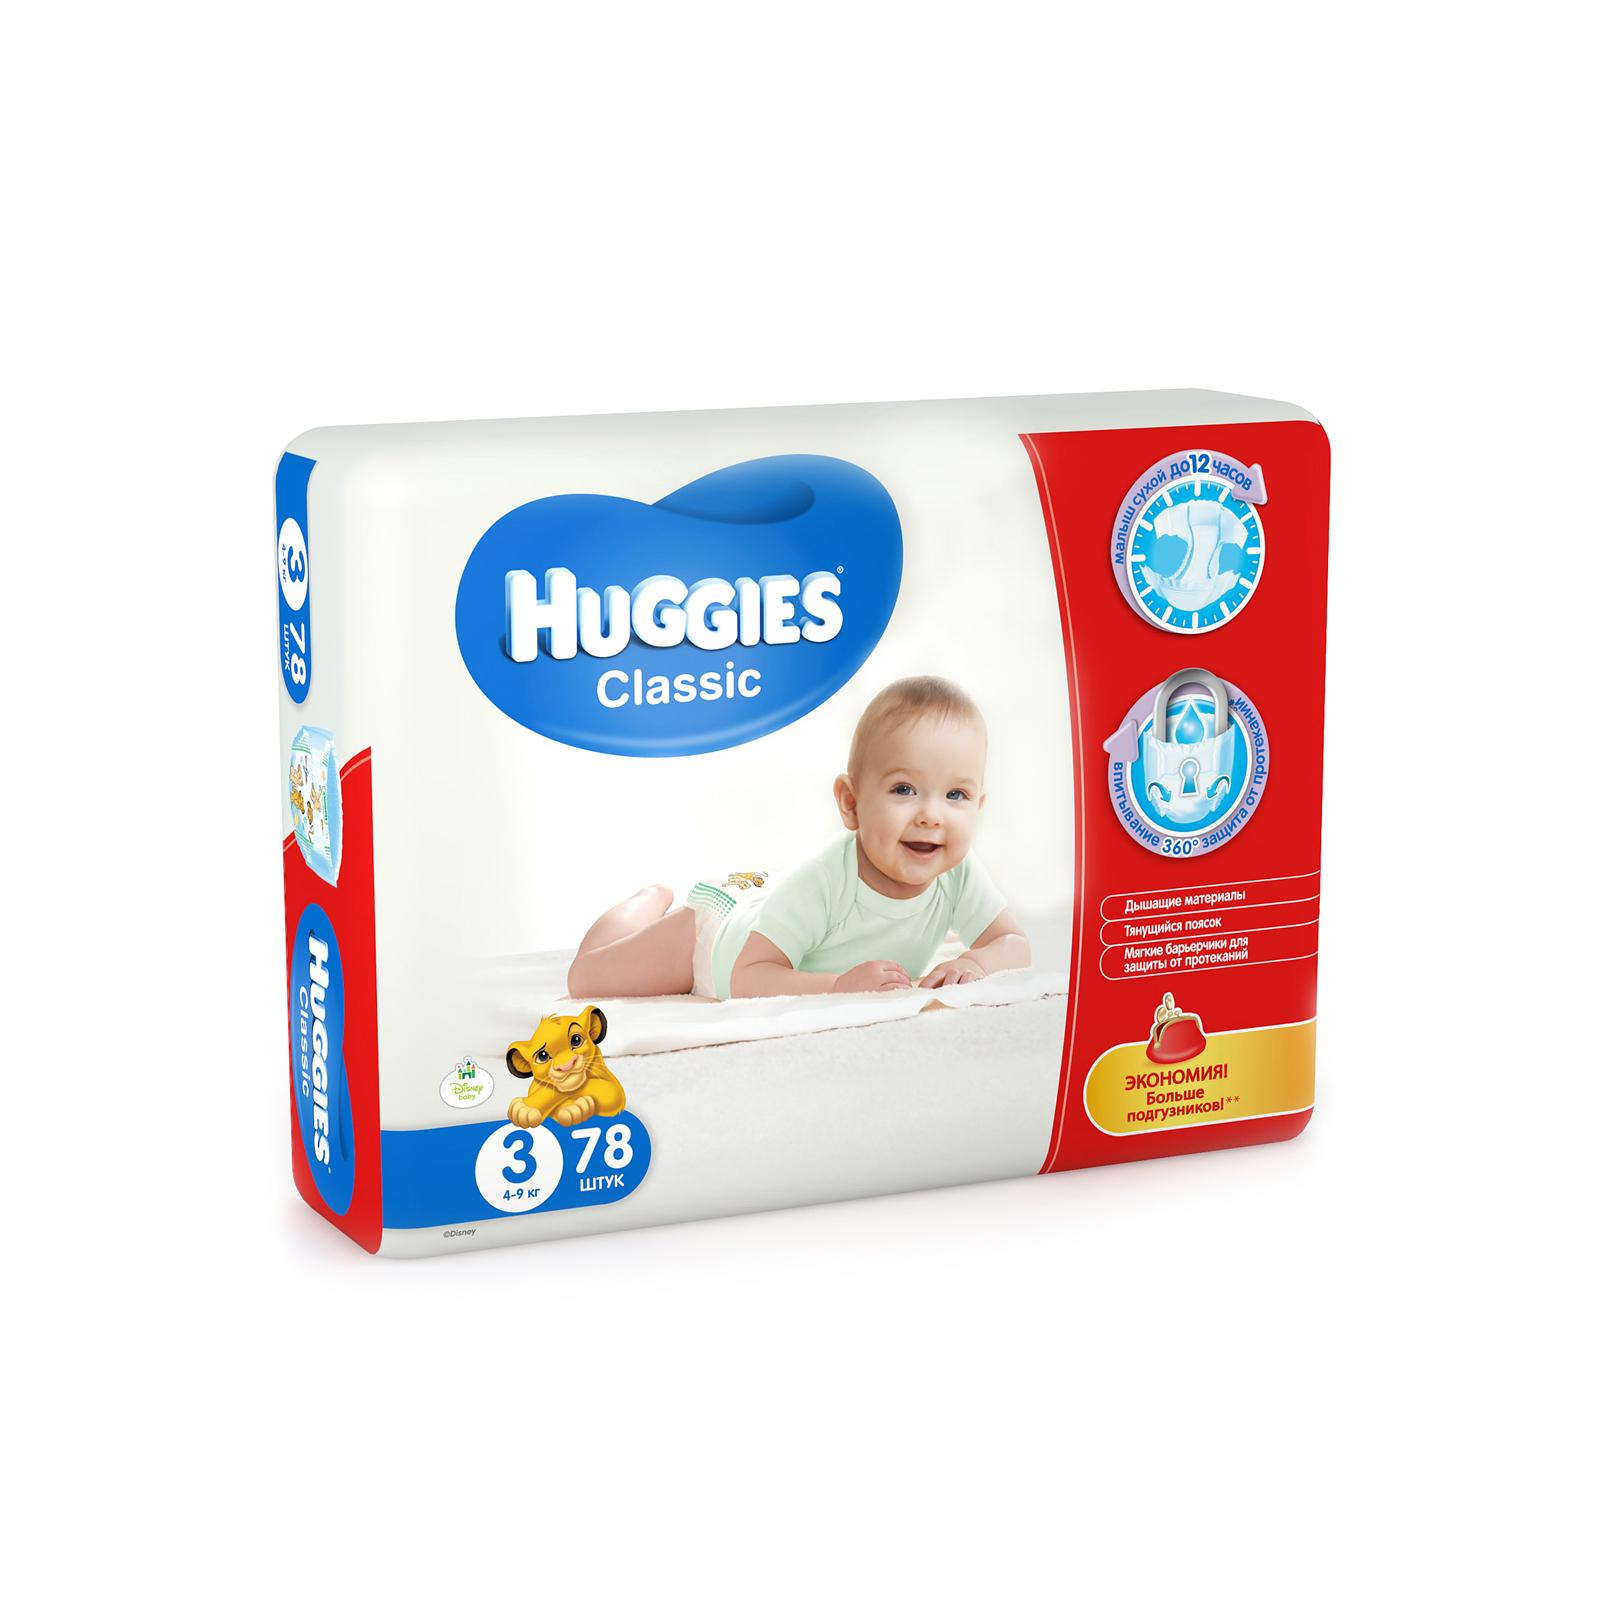 Подгузники Huggies Сlassic Mega Pack 4-9 кг (78 шт) Размер 3<br>